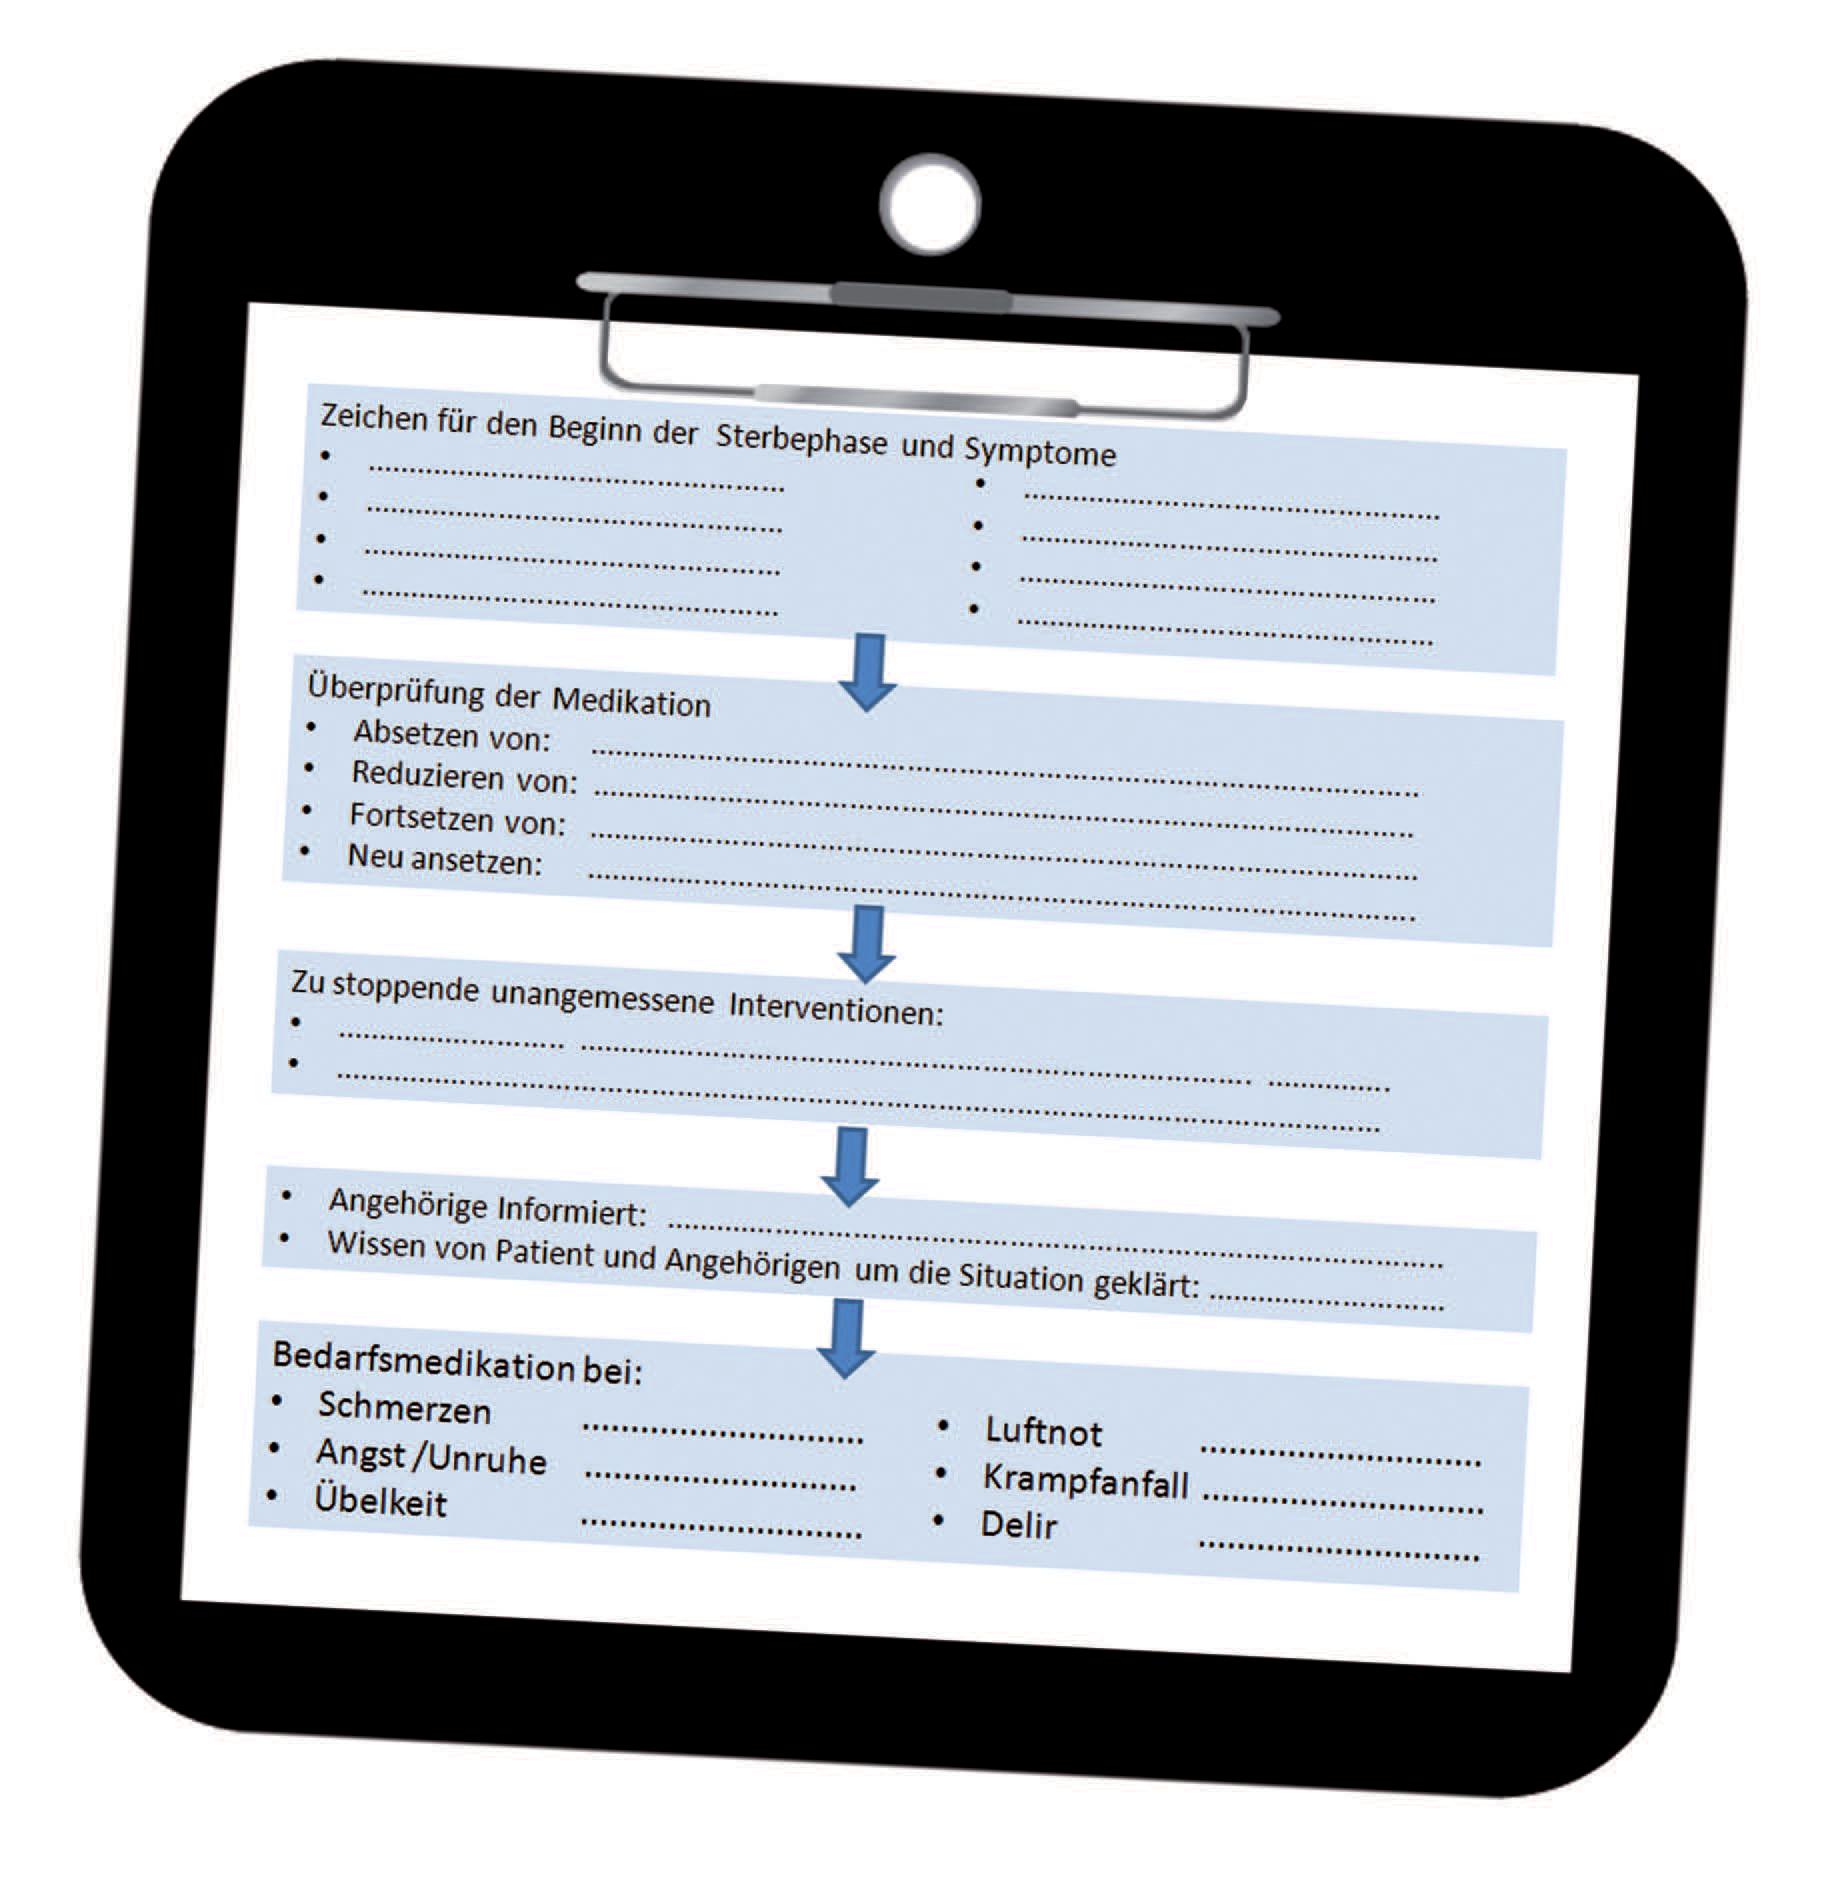 Wohlbefinden des Patienten hat oberste Priorität | SpringerLink